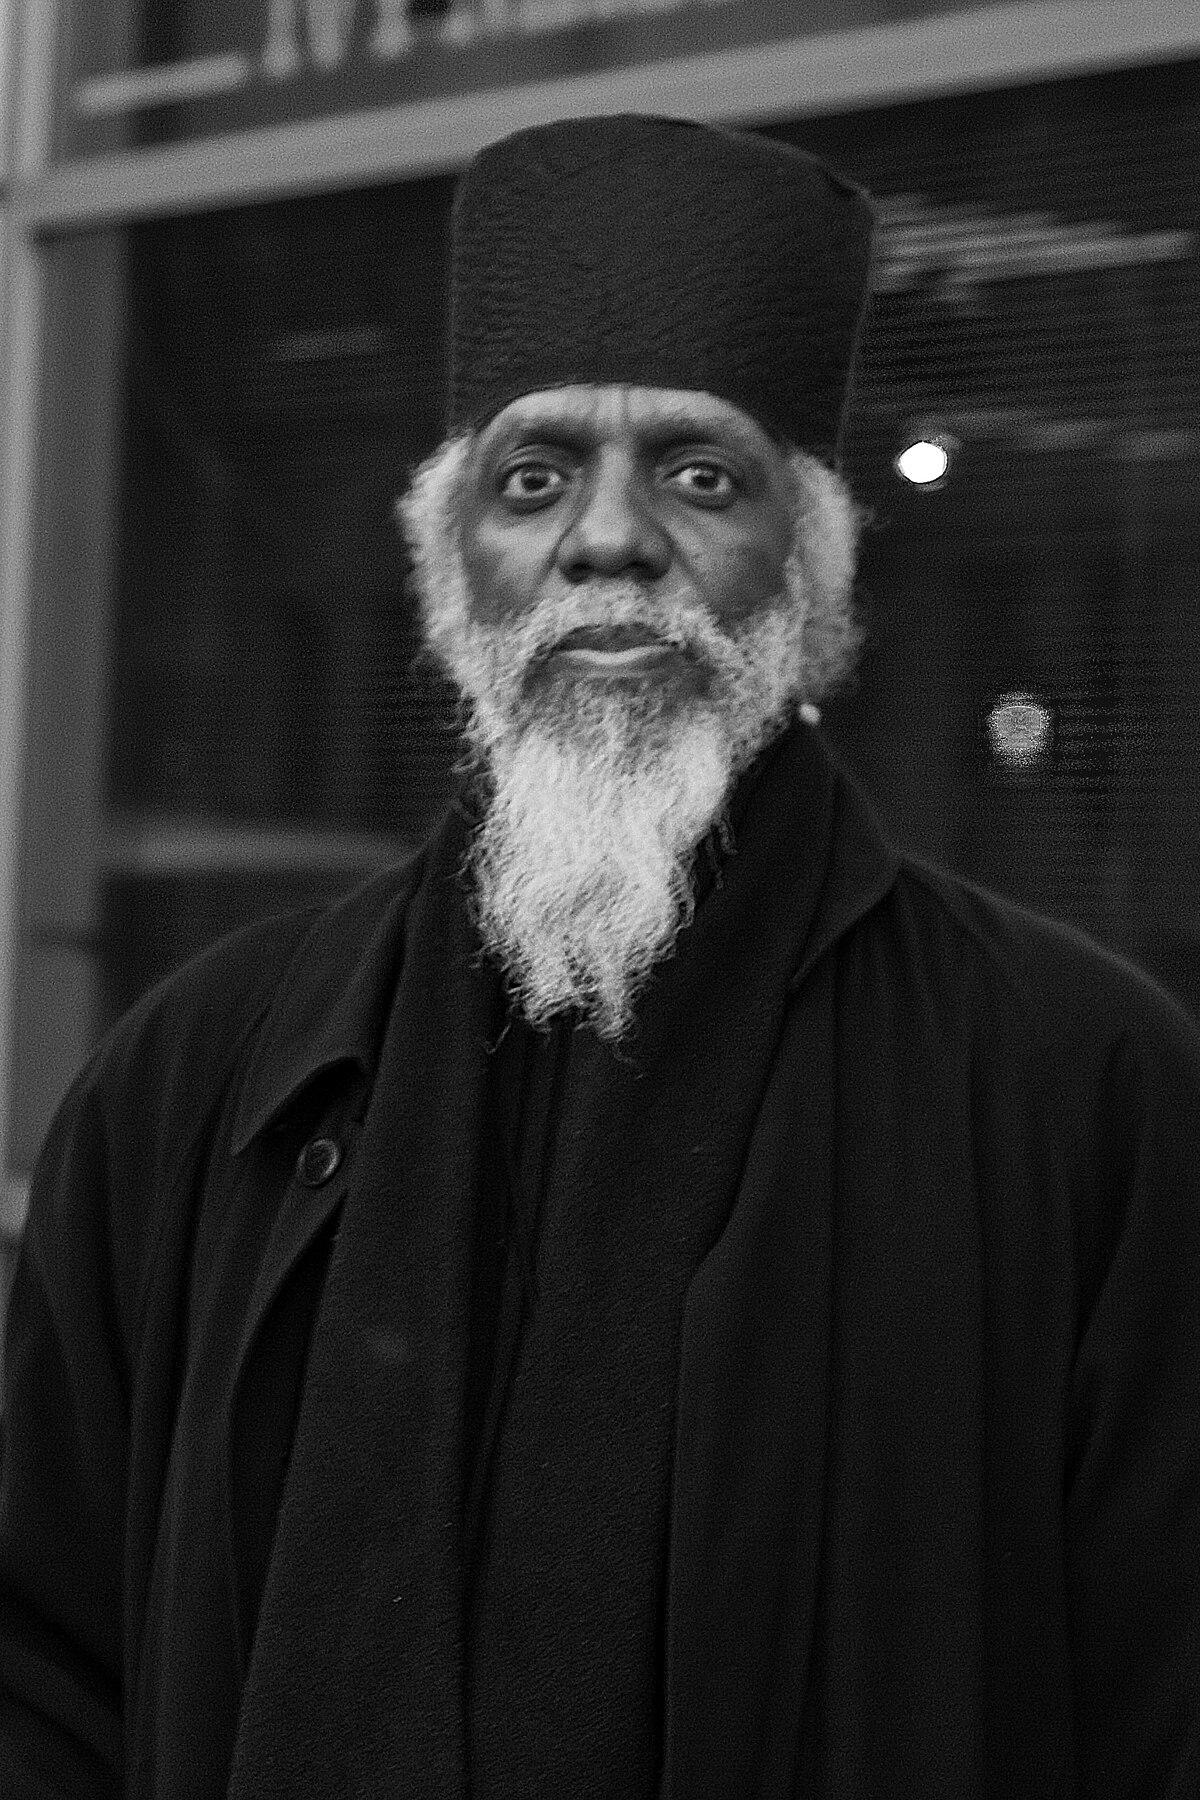 Lonnie Smith (jazz musician) - Wikipedia